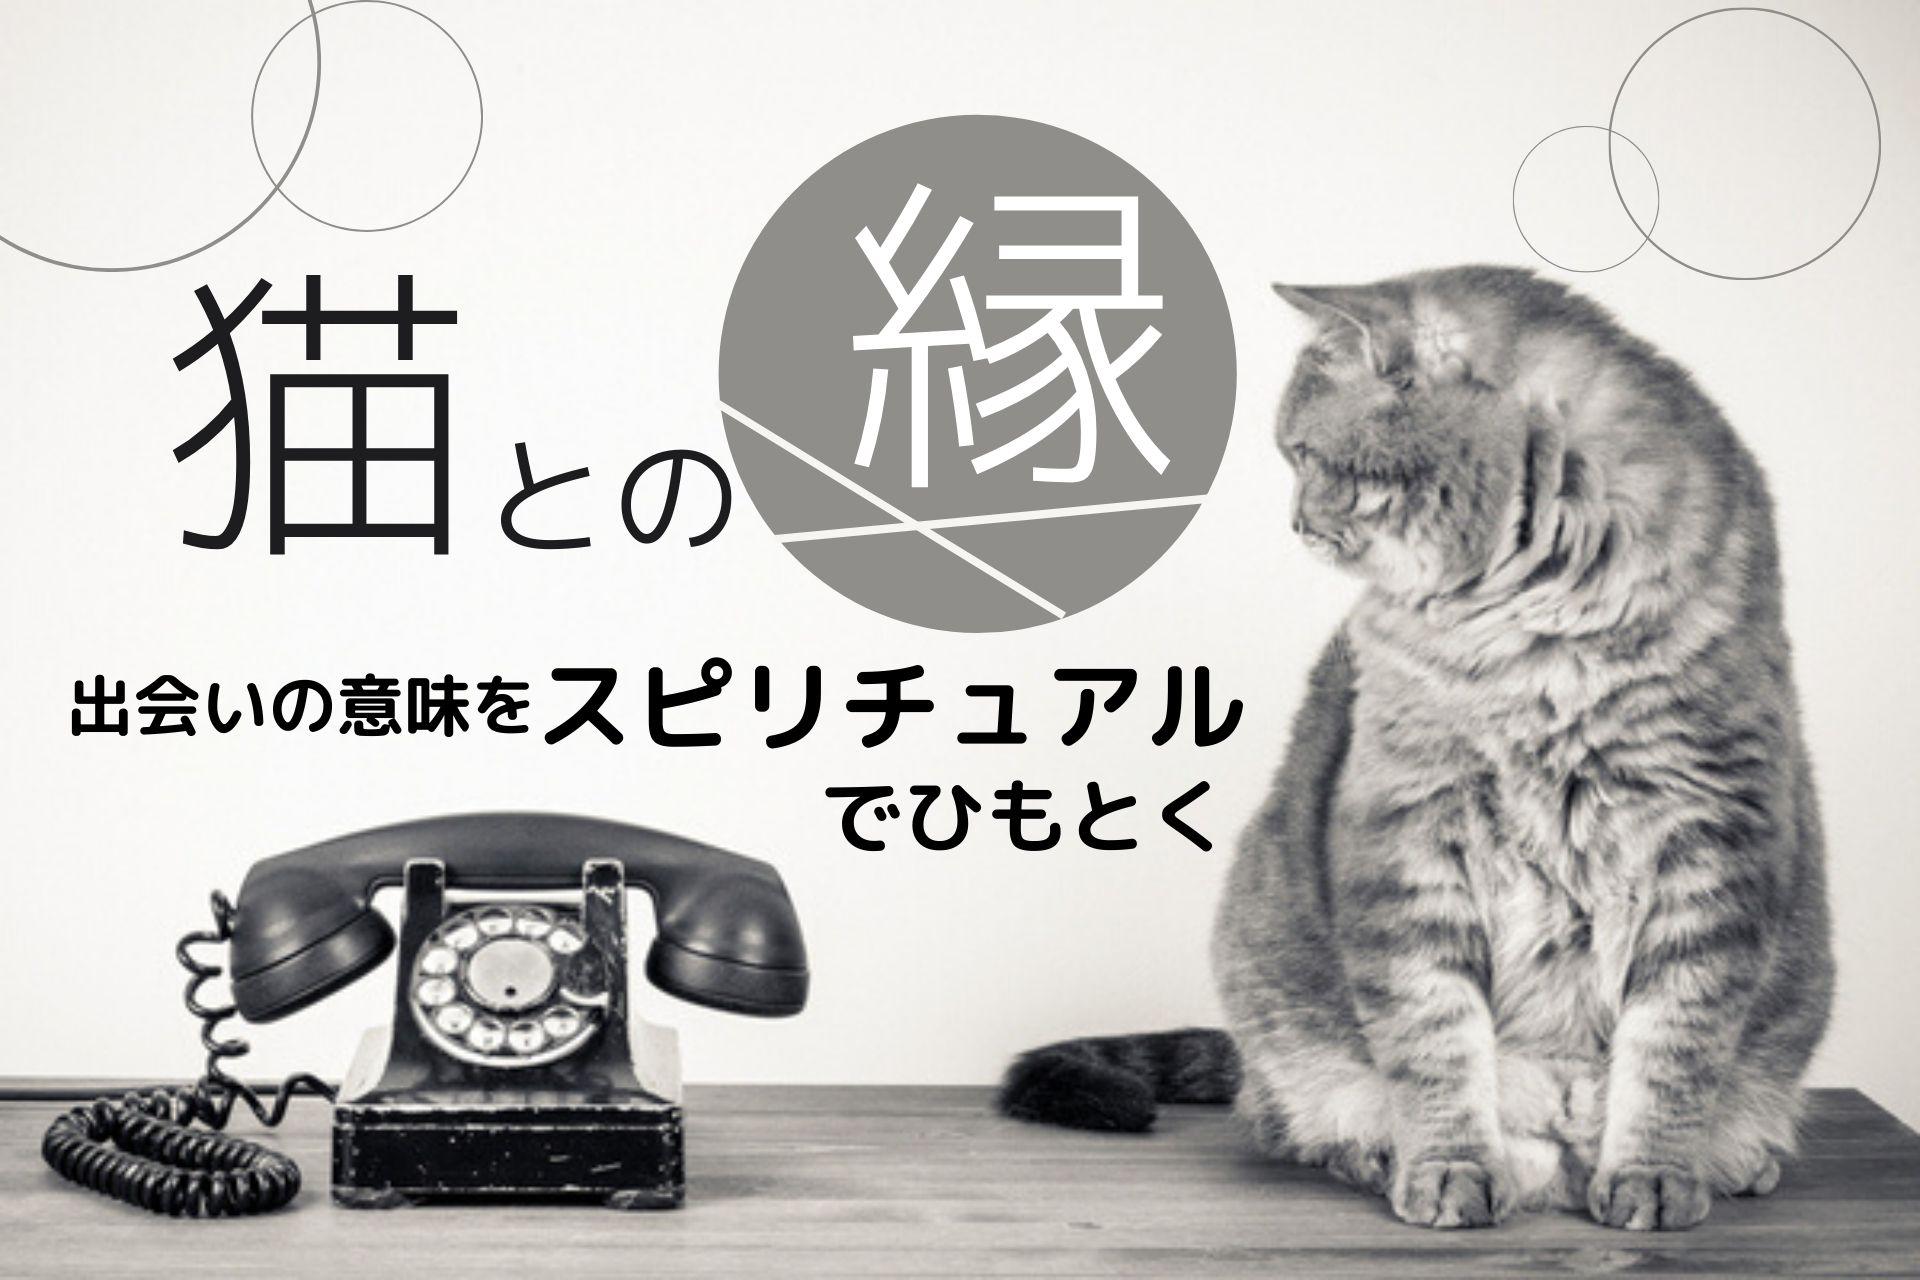 スピリチュアル 猫との縁